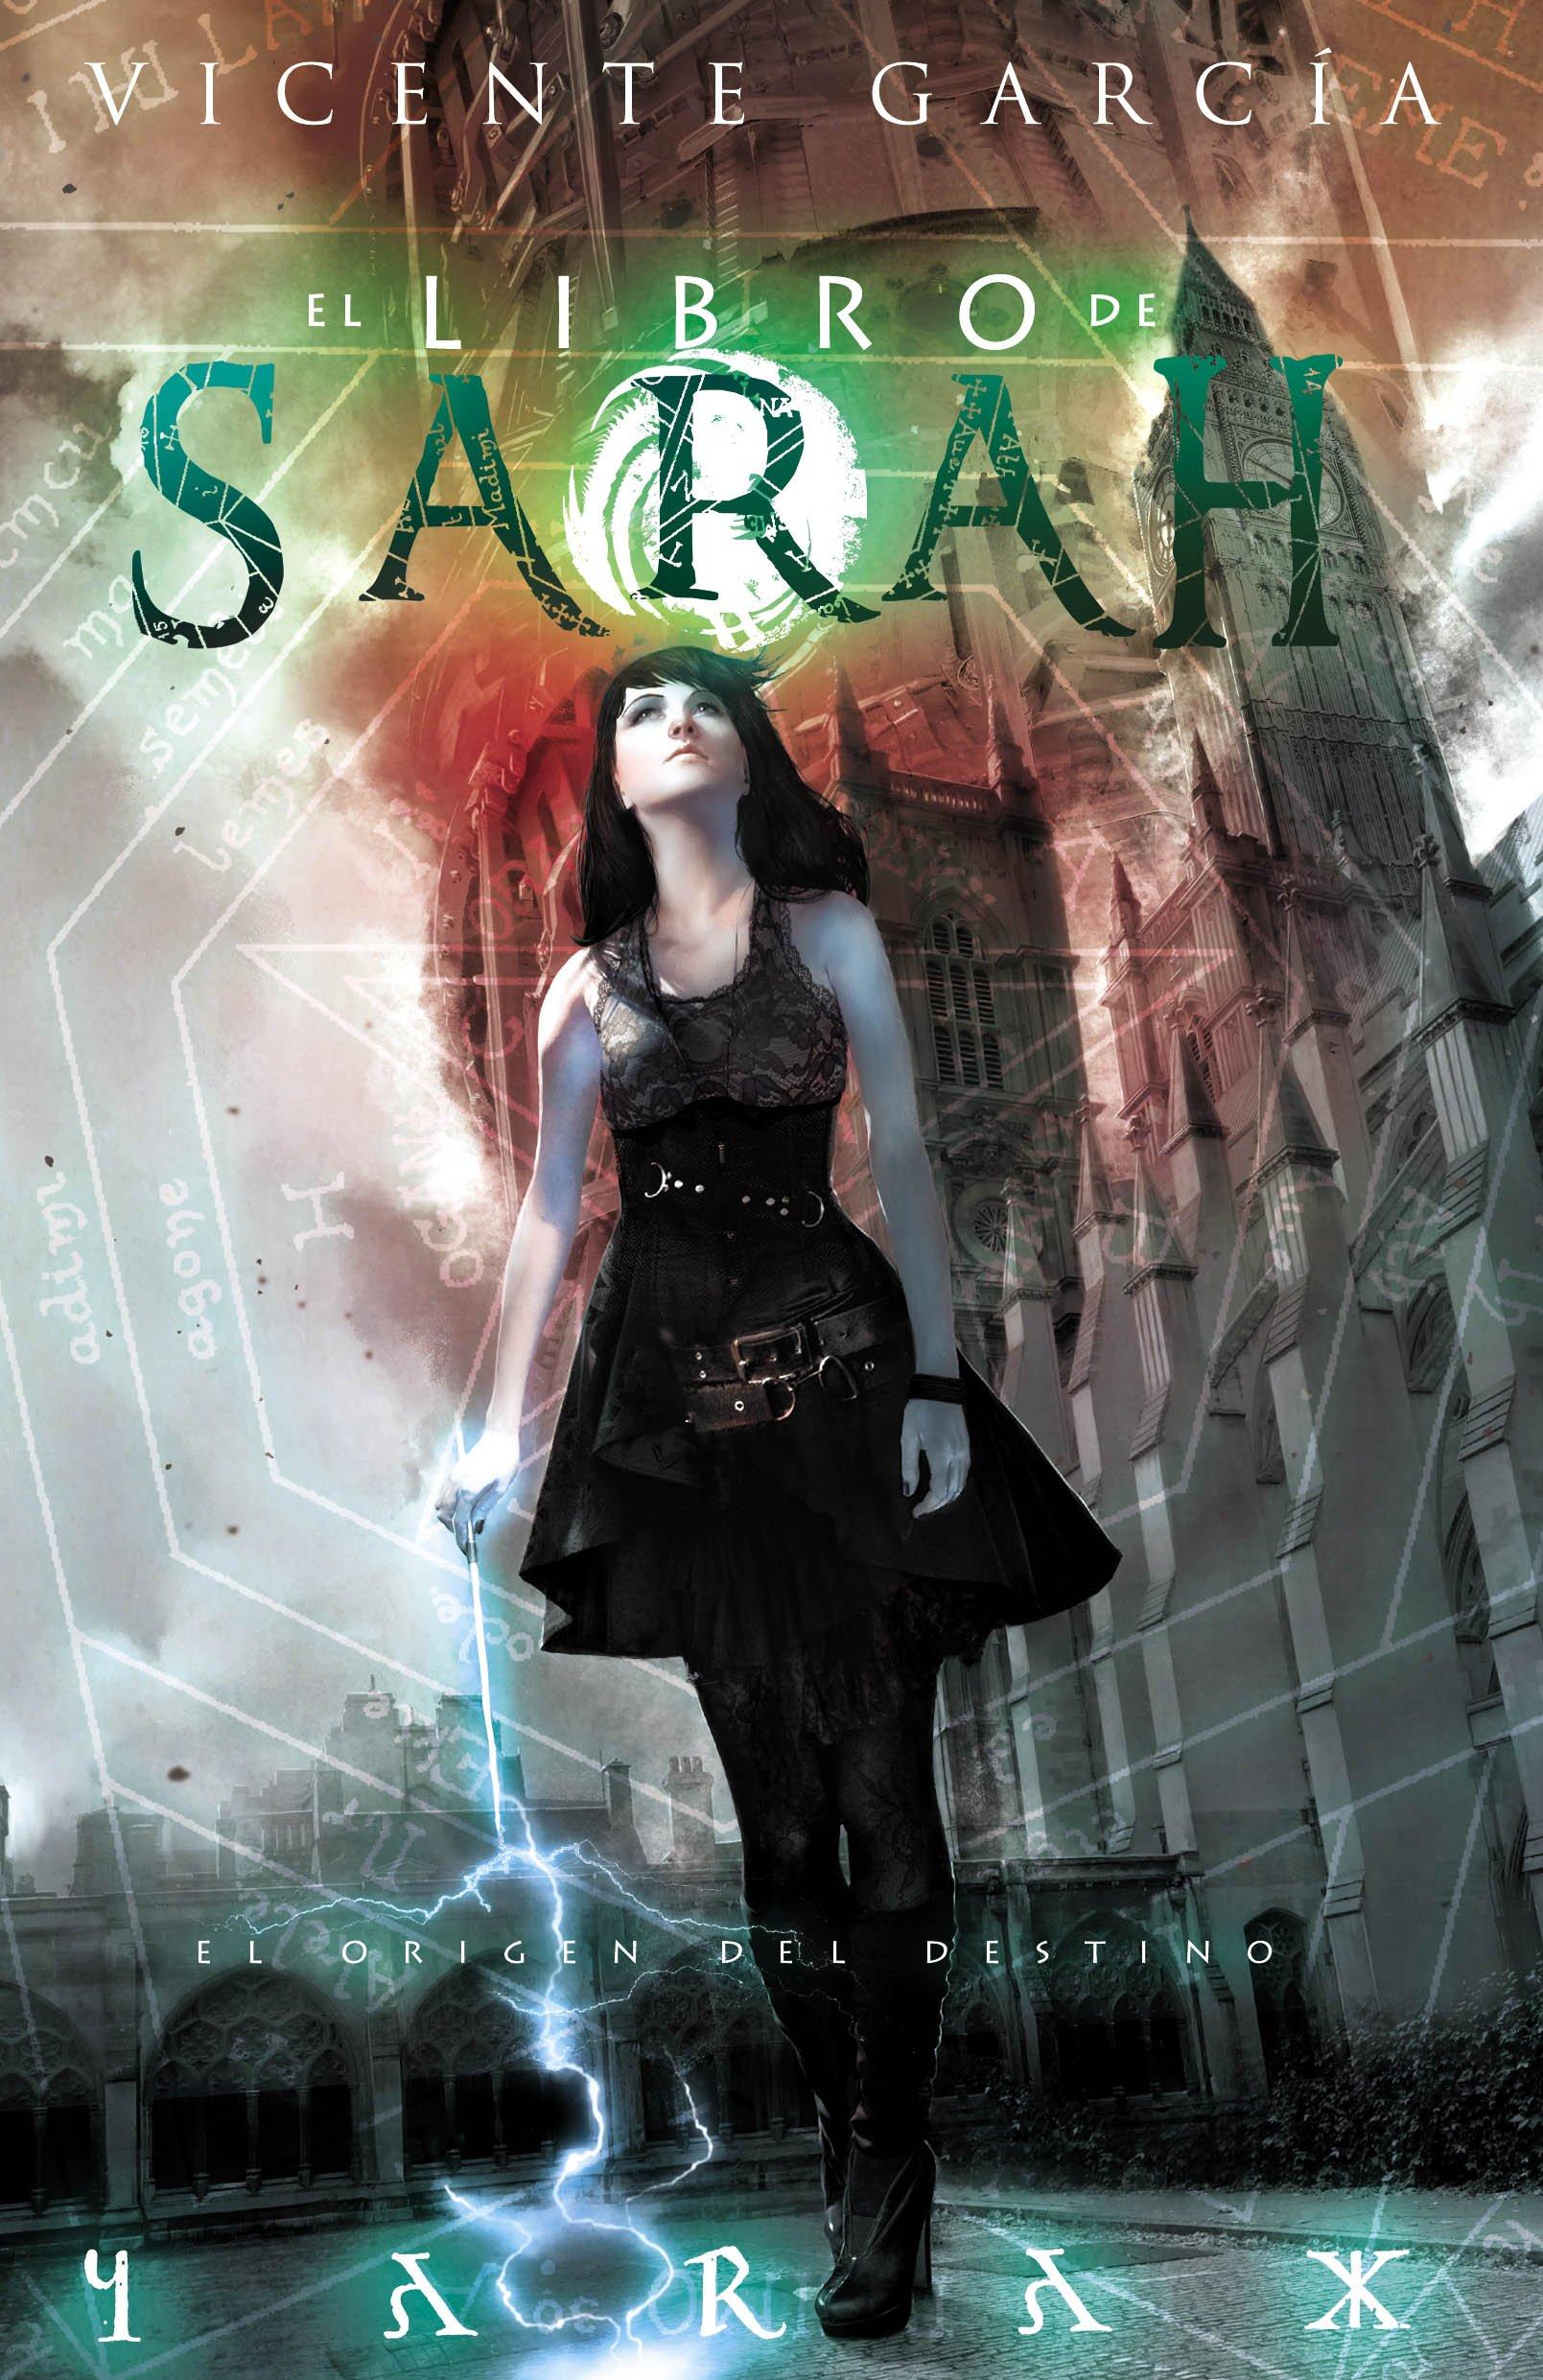 El libro de Sarah: El origen del destino (Fantasia): Amazon.es: Vicente García: Libros